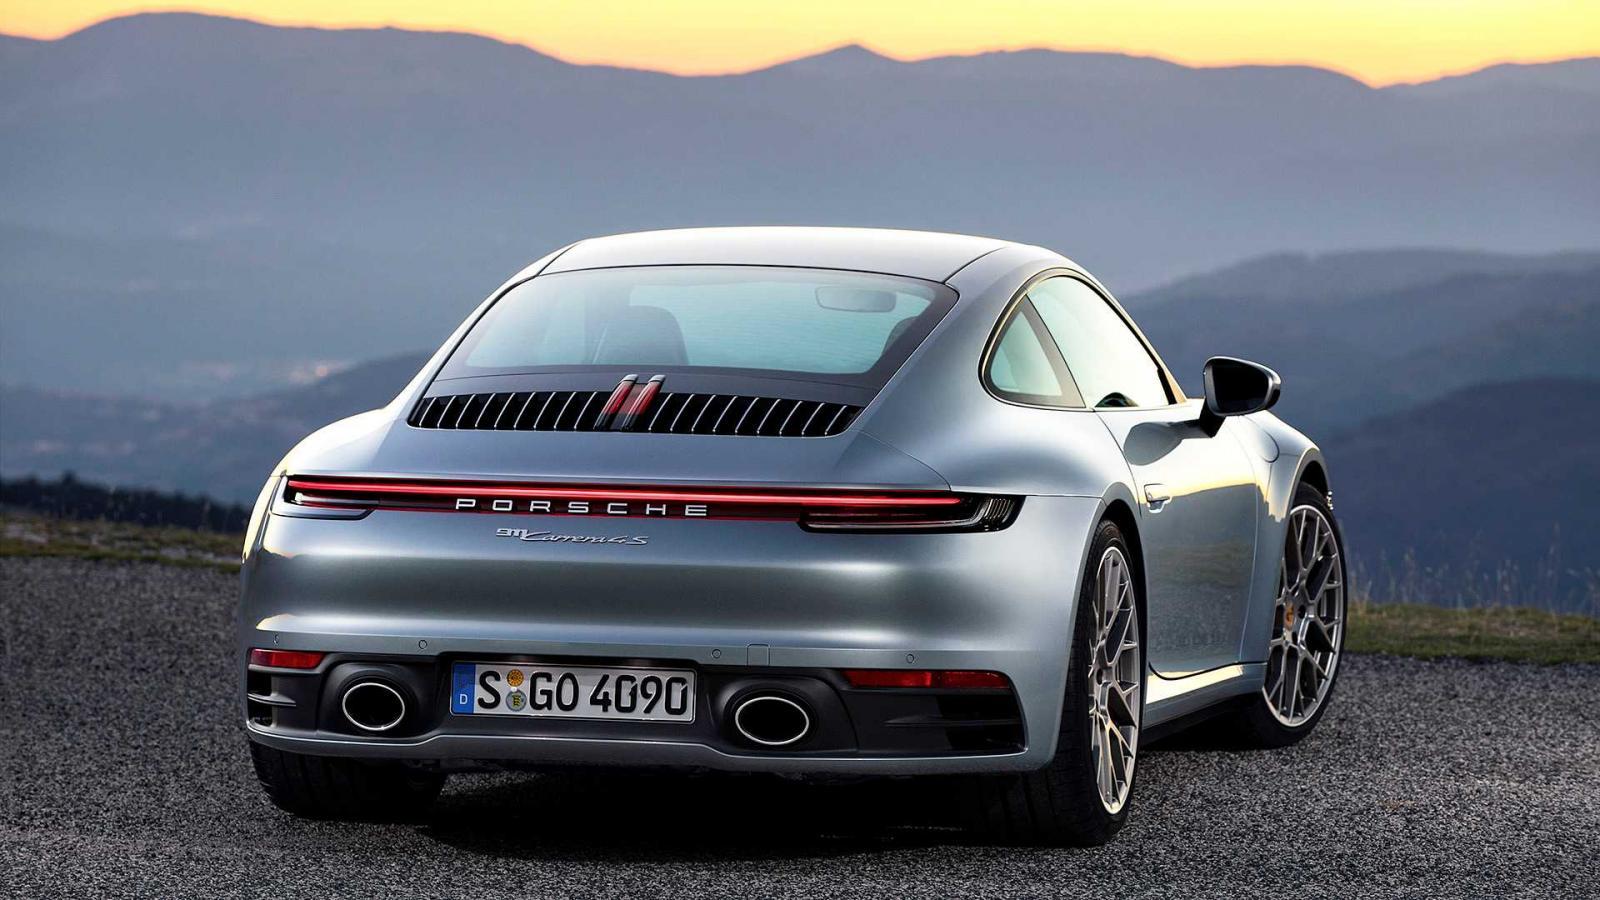 Porsche 911 Carrera precio en México